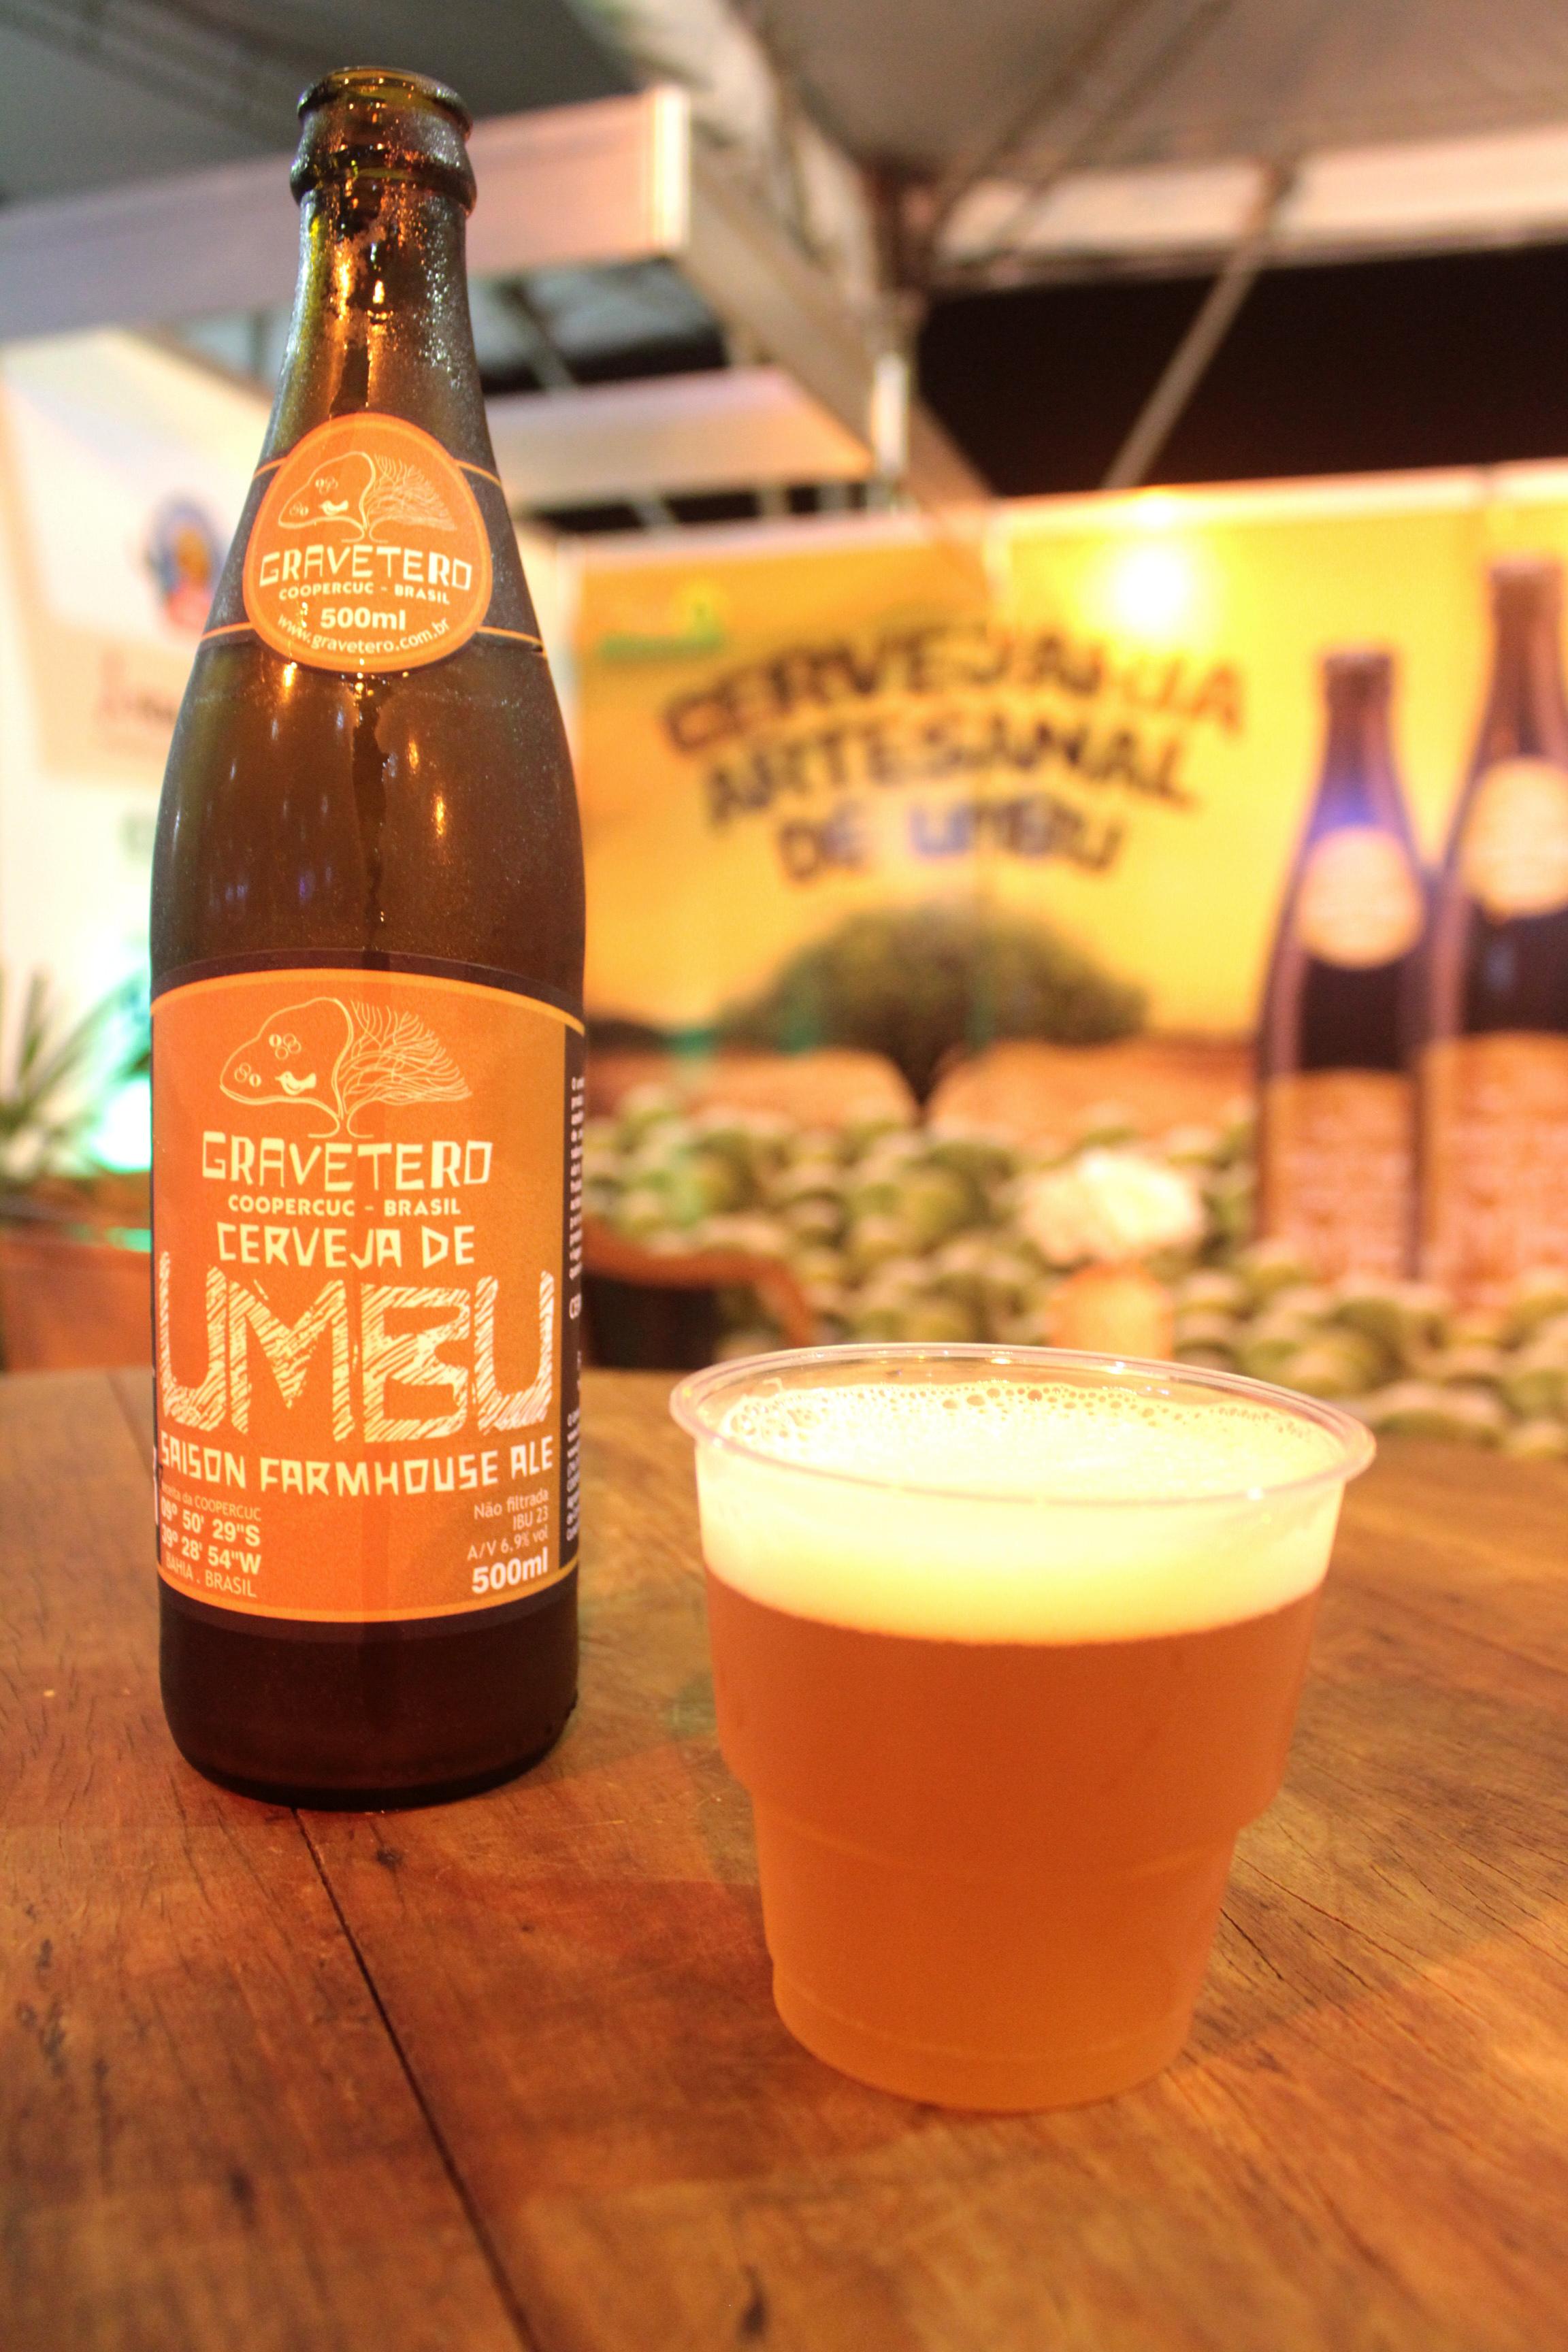 Cerveja de umbu da Gravetero, receita e matéria prima de Uauá (BA). Foto: Gabrielle Ferreira / Repórter Gourmet.